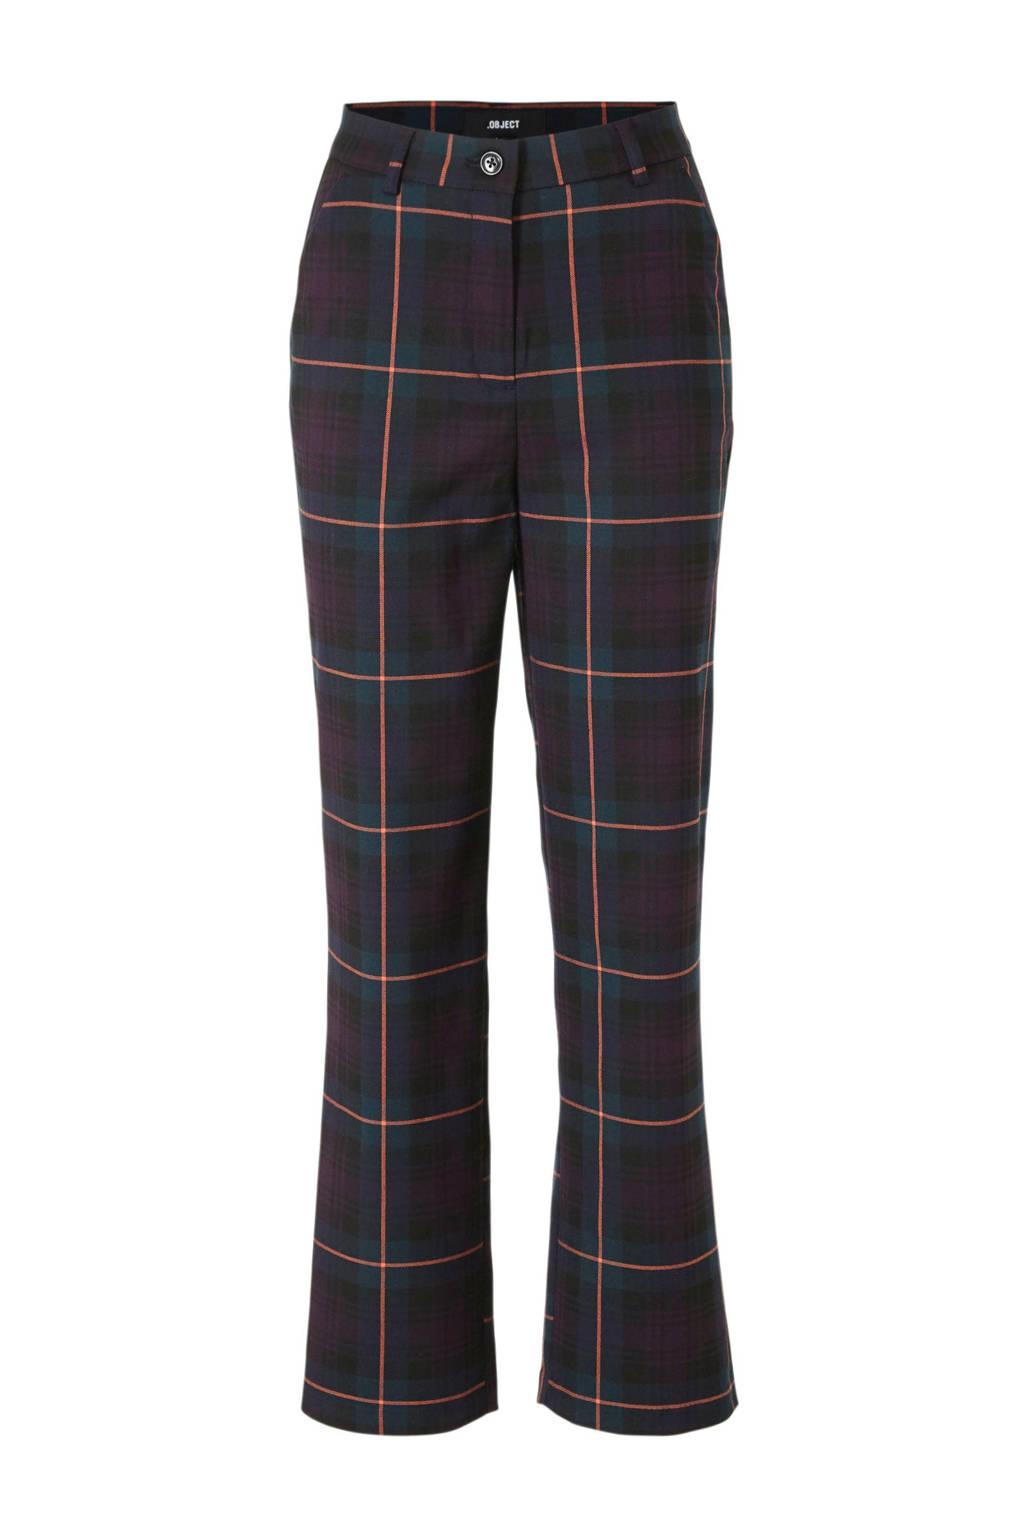 OBJECT geruite regular fit pantalon paars/zwart, Paars/zwart